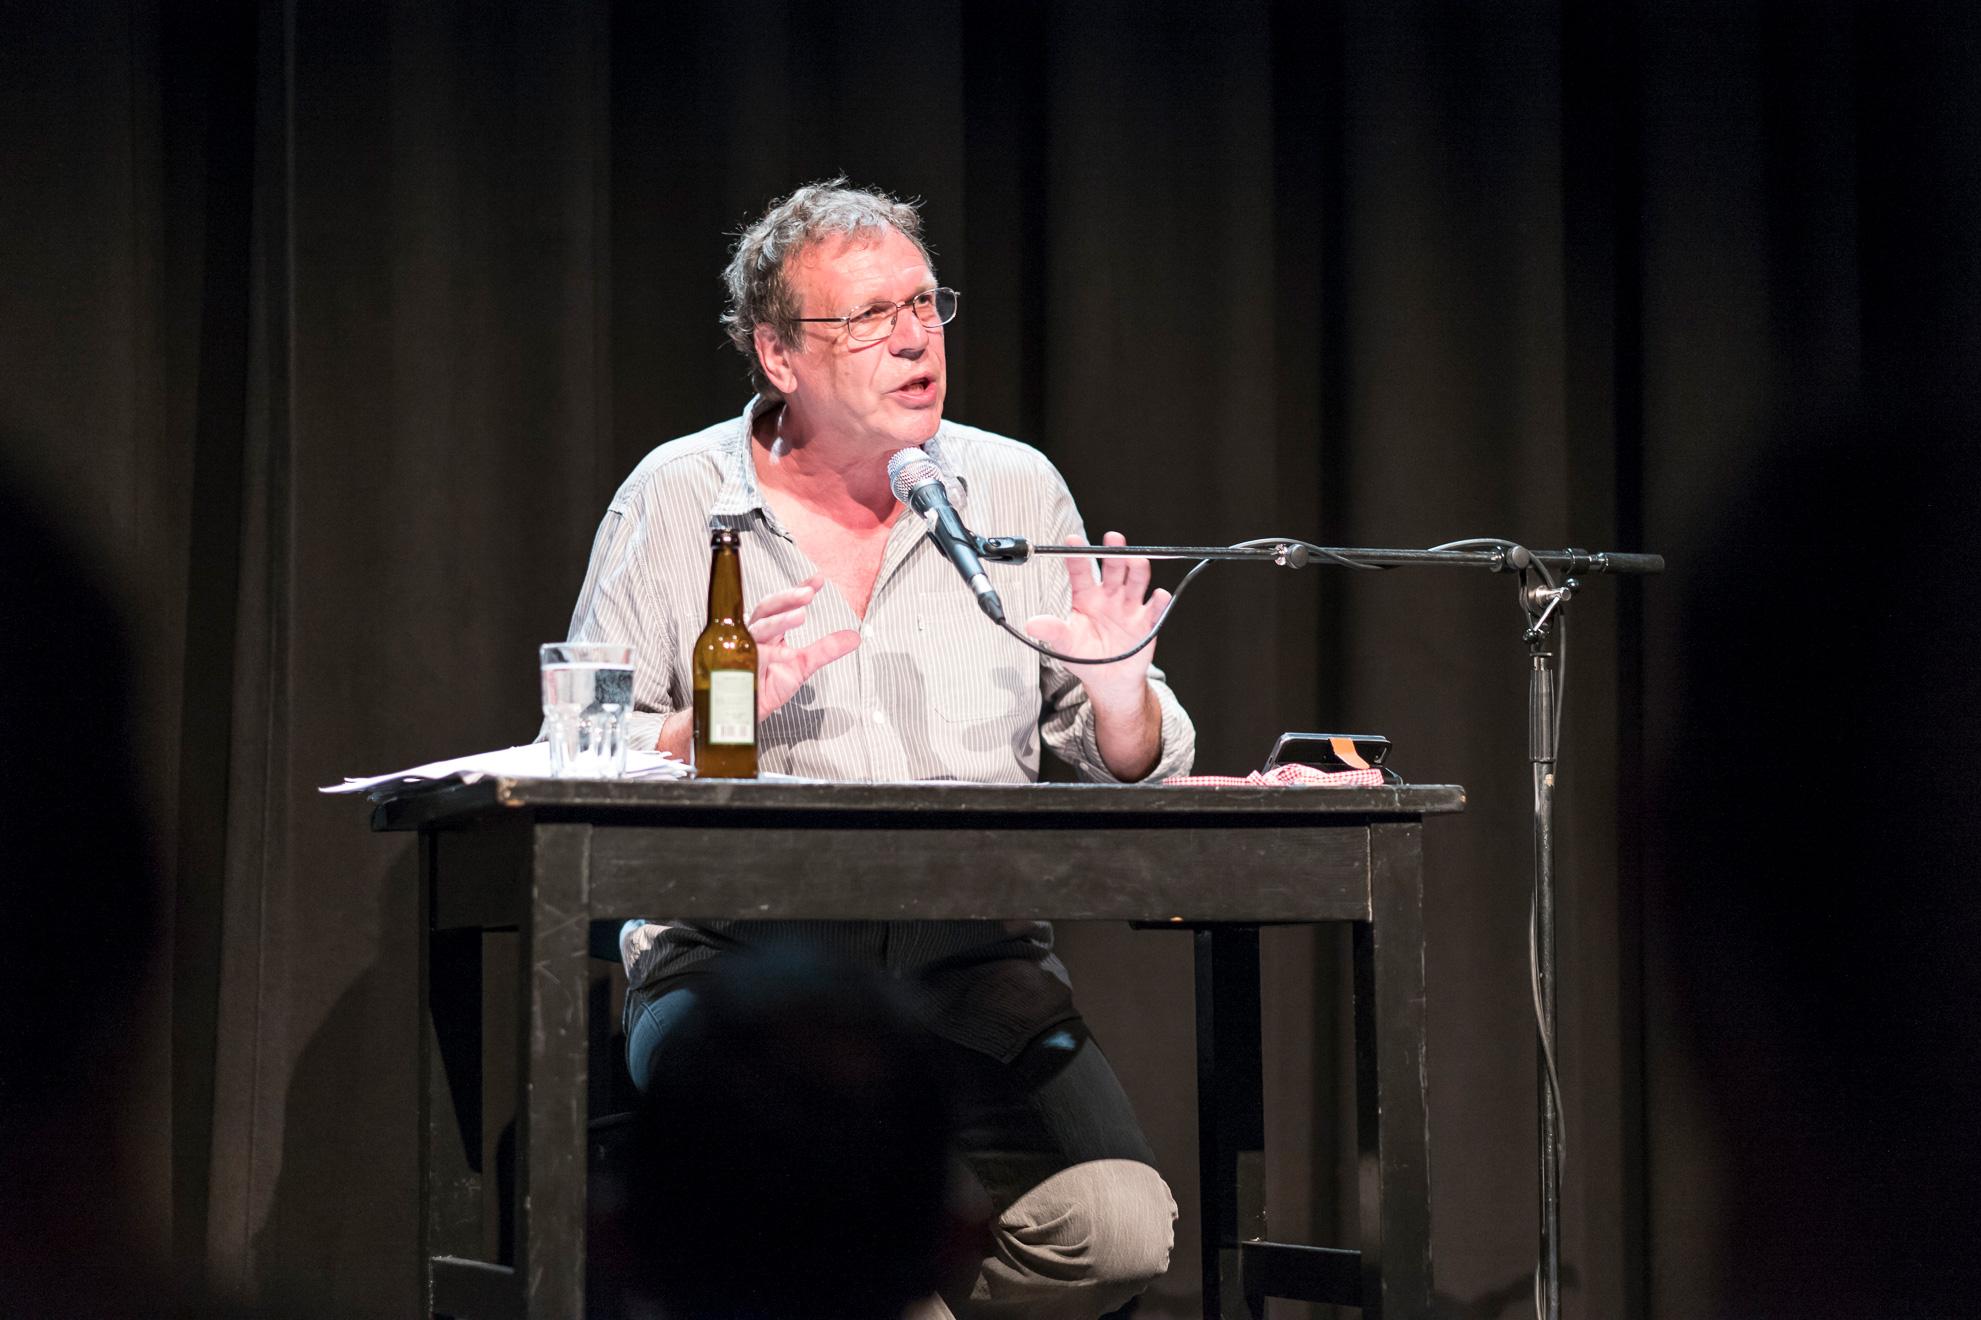 Wenn Georg Schramm in Luzern auf die Bühne steigt, ist ihm ein treues Publikum gewiss.